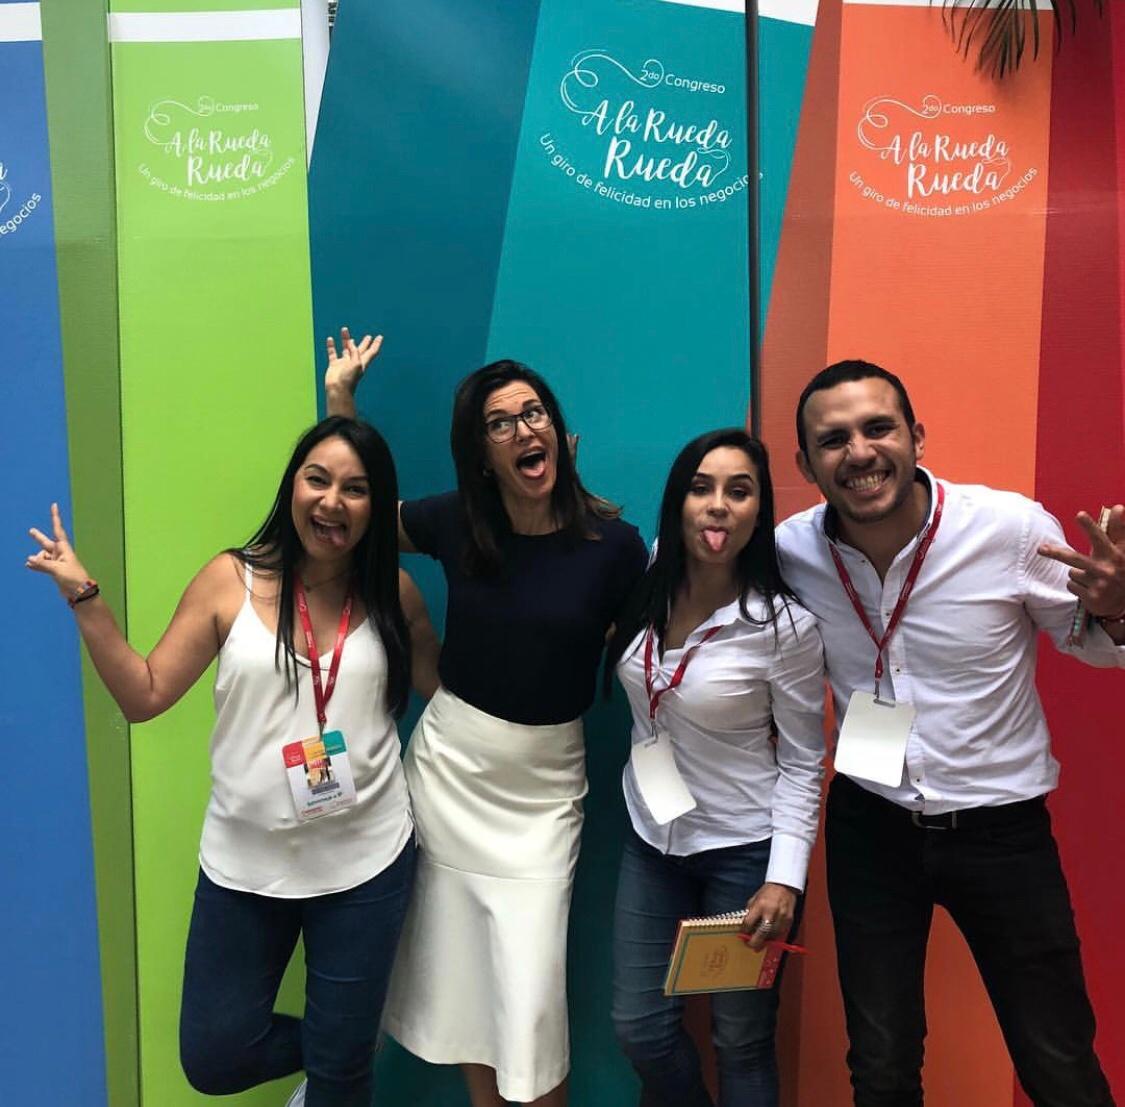 Sunny A la Rueda Rueda Happiness Congress Colombia